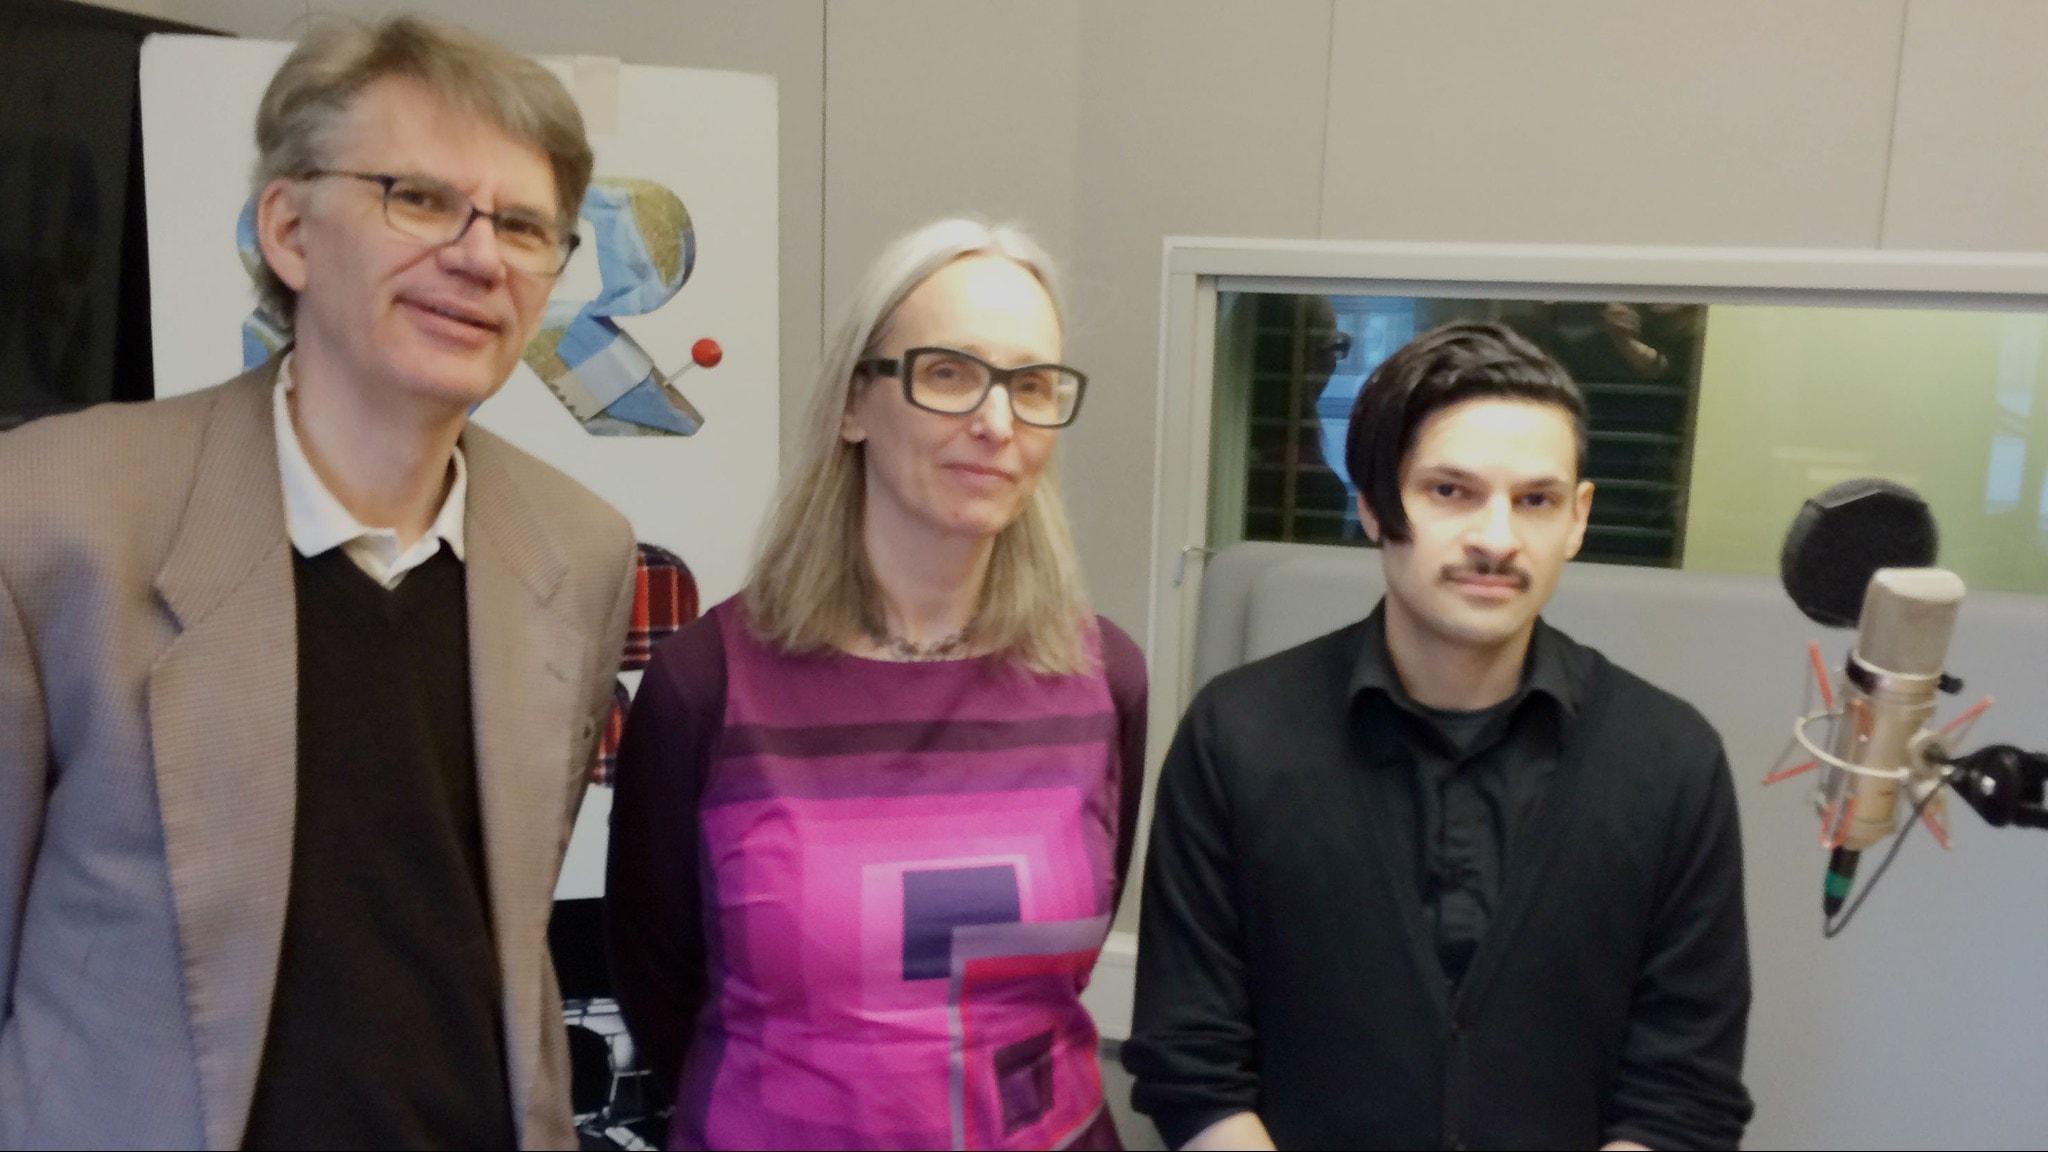 Lars Ährlund Richter, Annika Östman och Karim Jebari i studion. Foto: SR